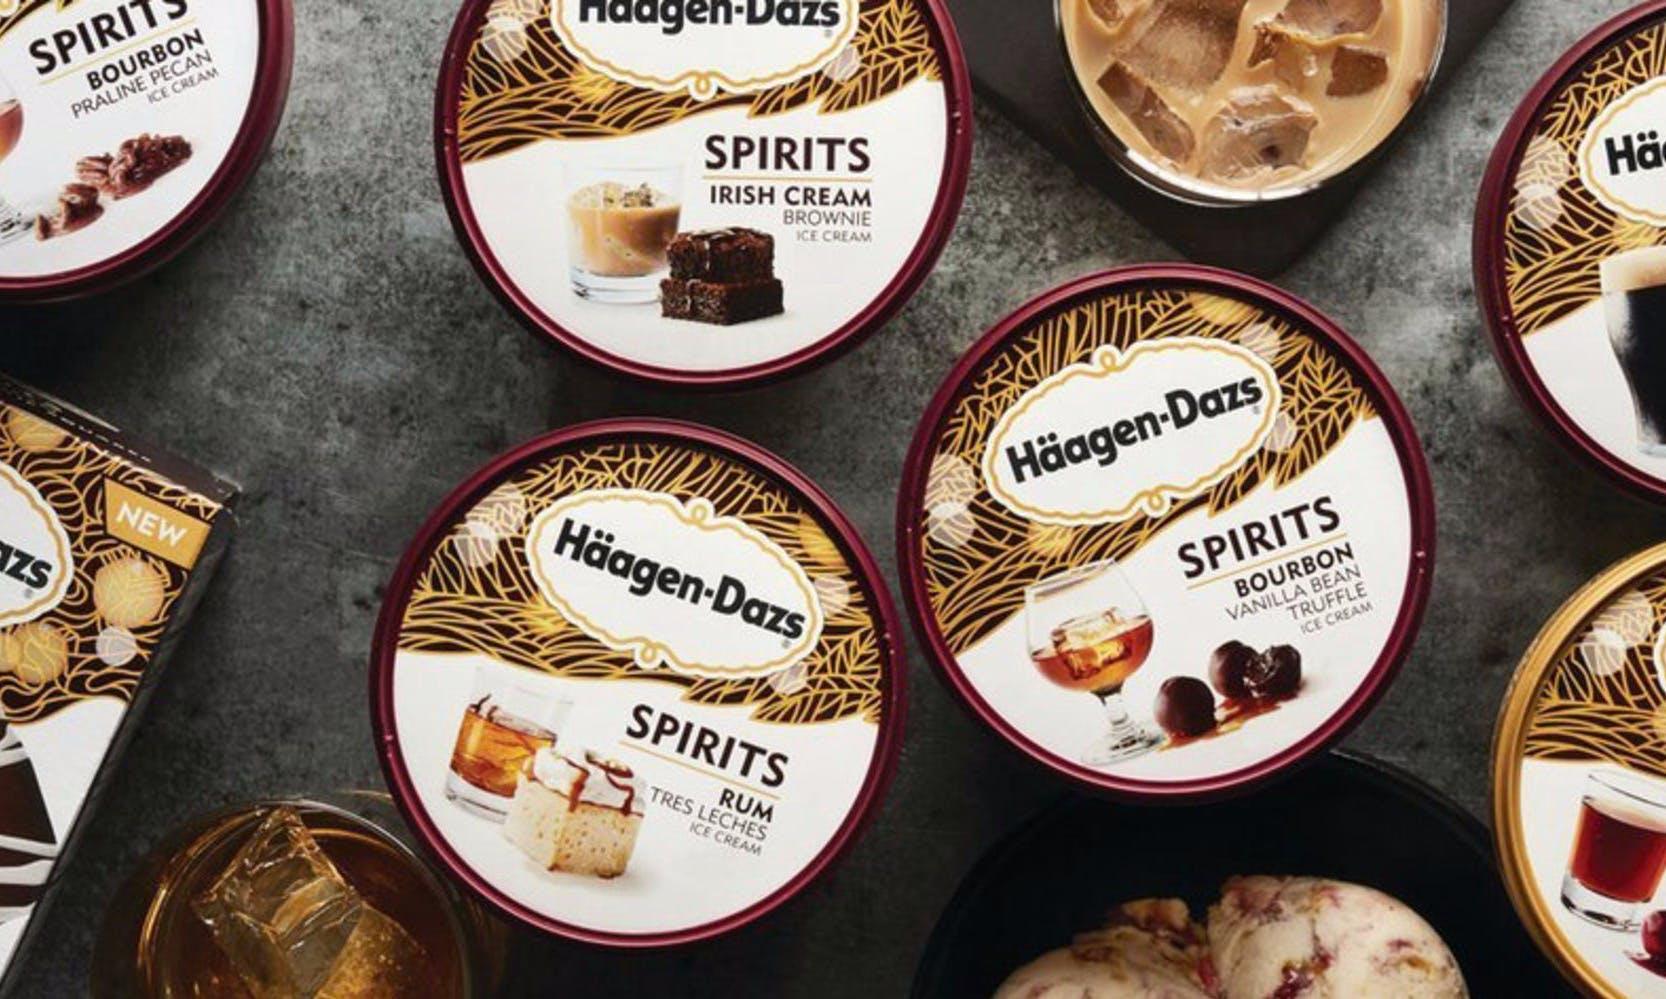 波本、奶酒、黑啤酒:Häagen-Dazs推出7款大人最愛的「烈酒冰淇淋」